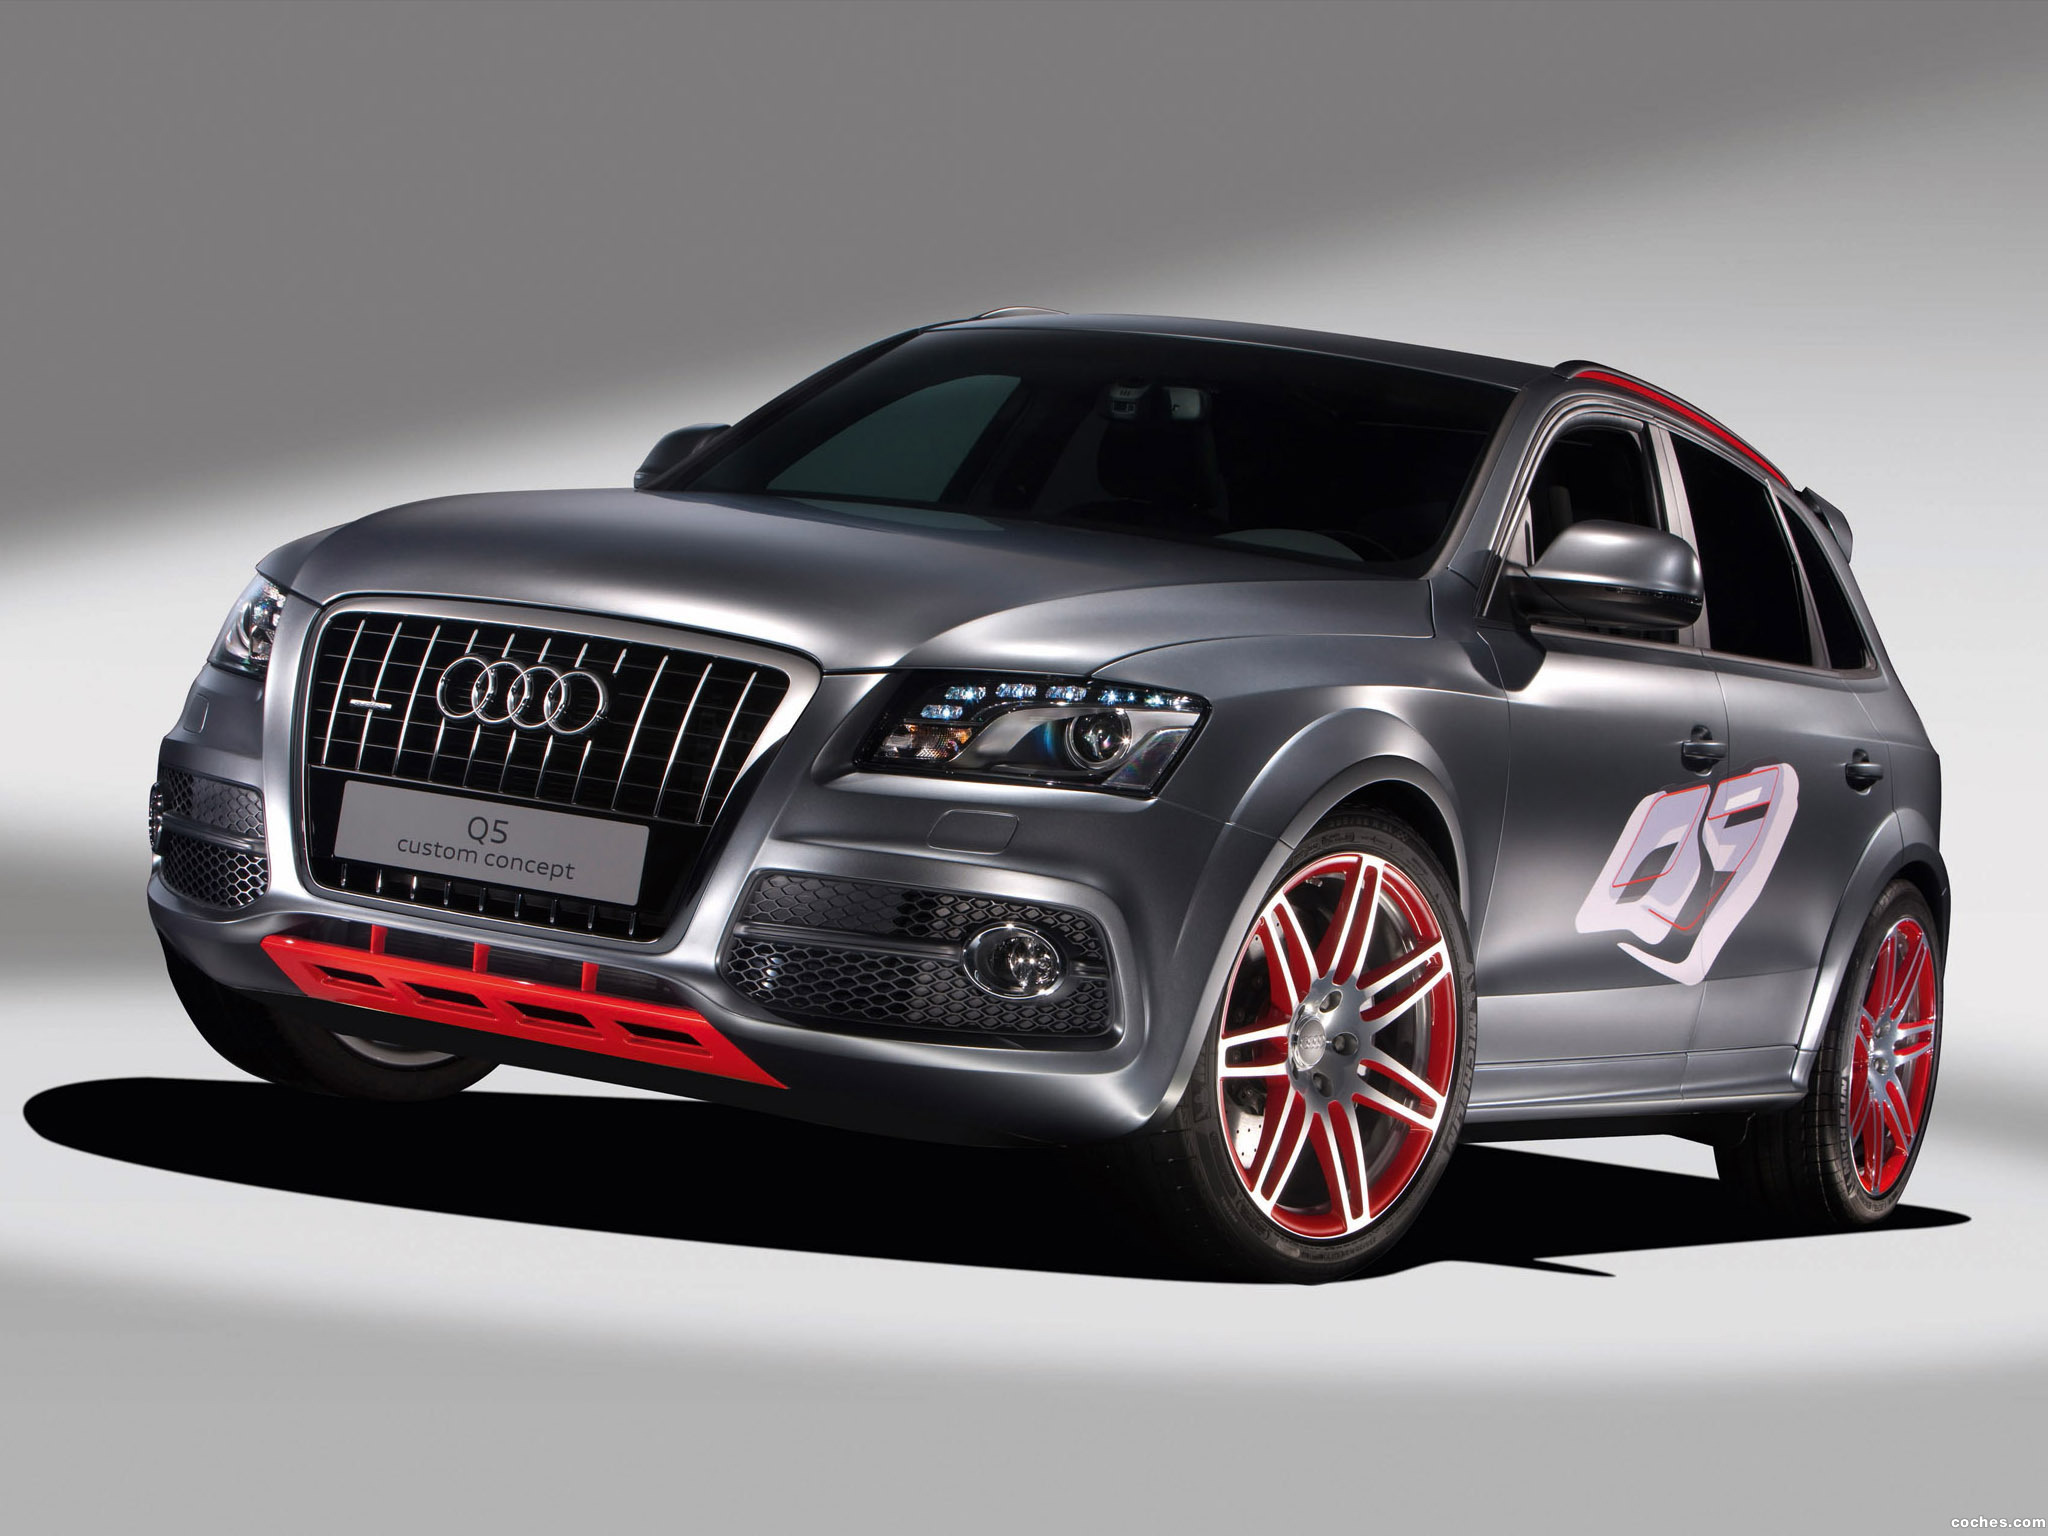 Foto 0 de Audi Q5 Custom Concept 2009